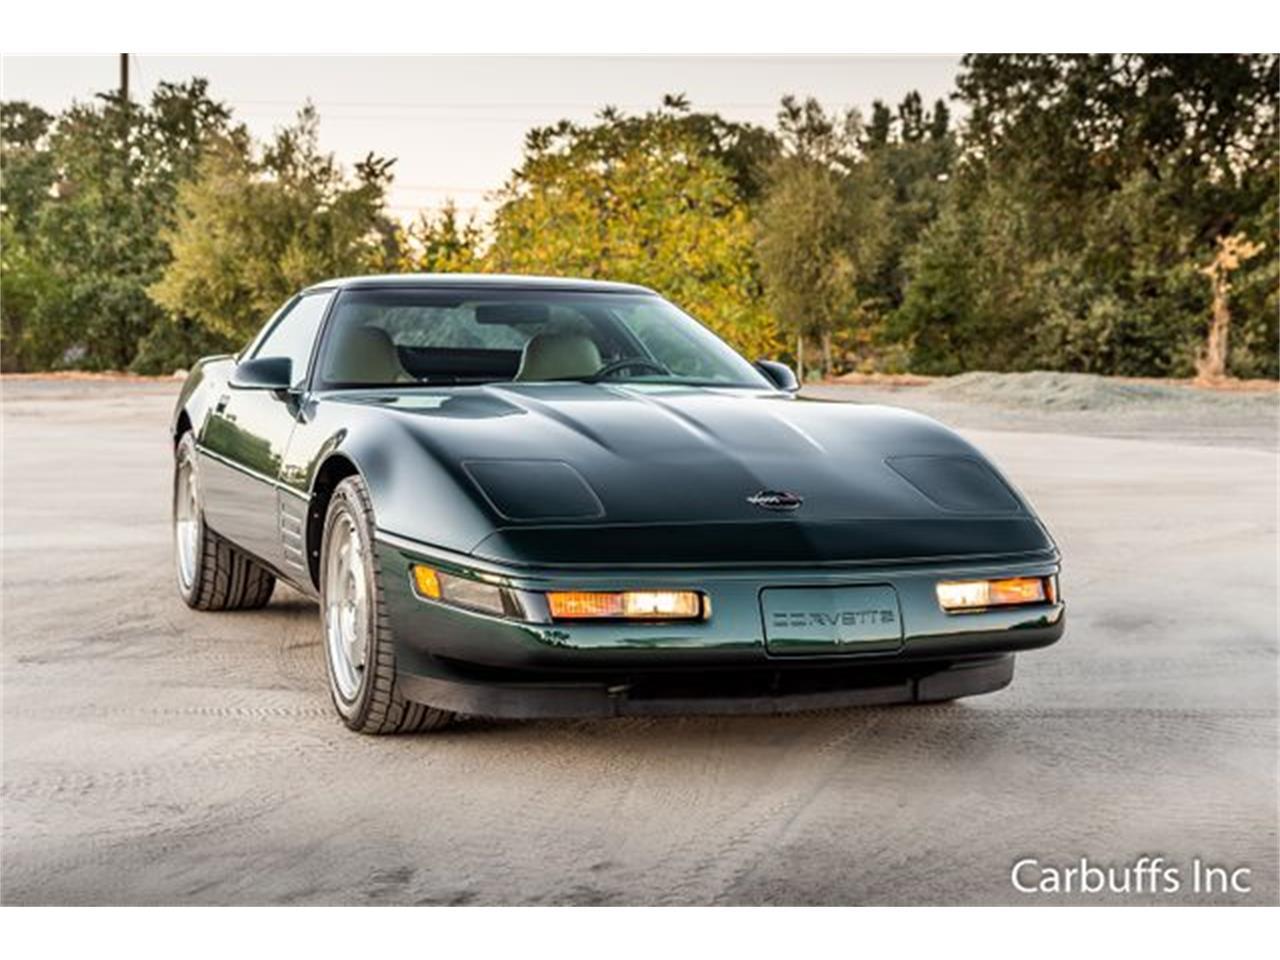 1994 Chevrolet Corvette (CC-1271623) for sale in Concord, California